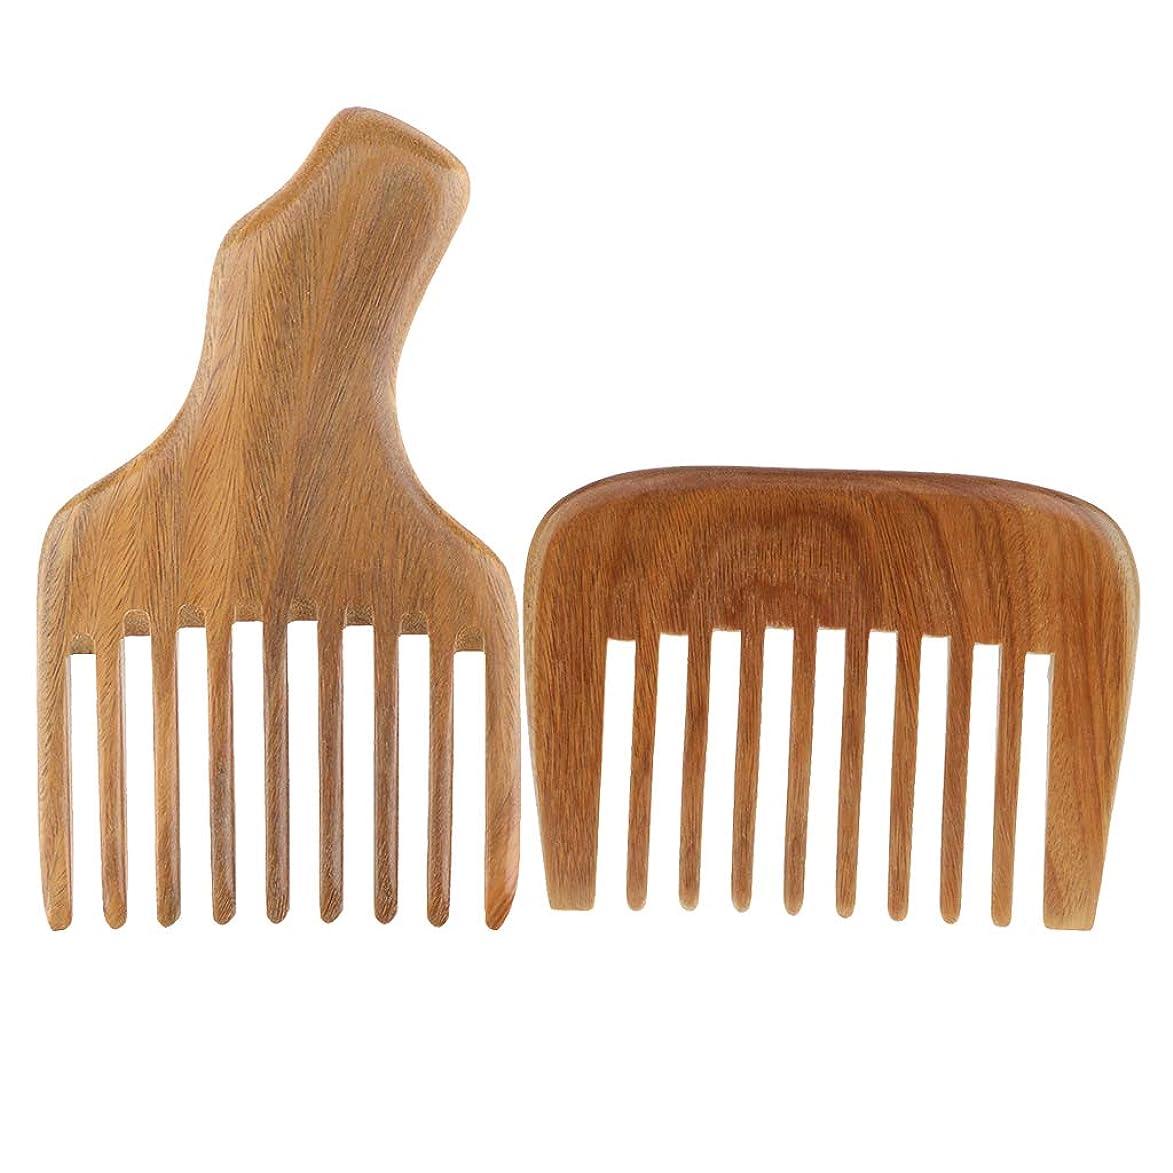 参加者メジャーヒューバートハドソンDYNWAVE ウッドコーム 天然木の櫛セット 髪のマッサージの櫛 2個セット